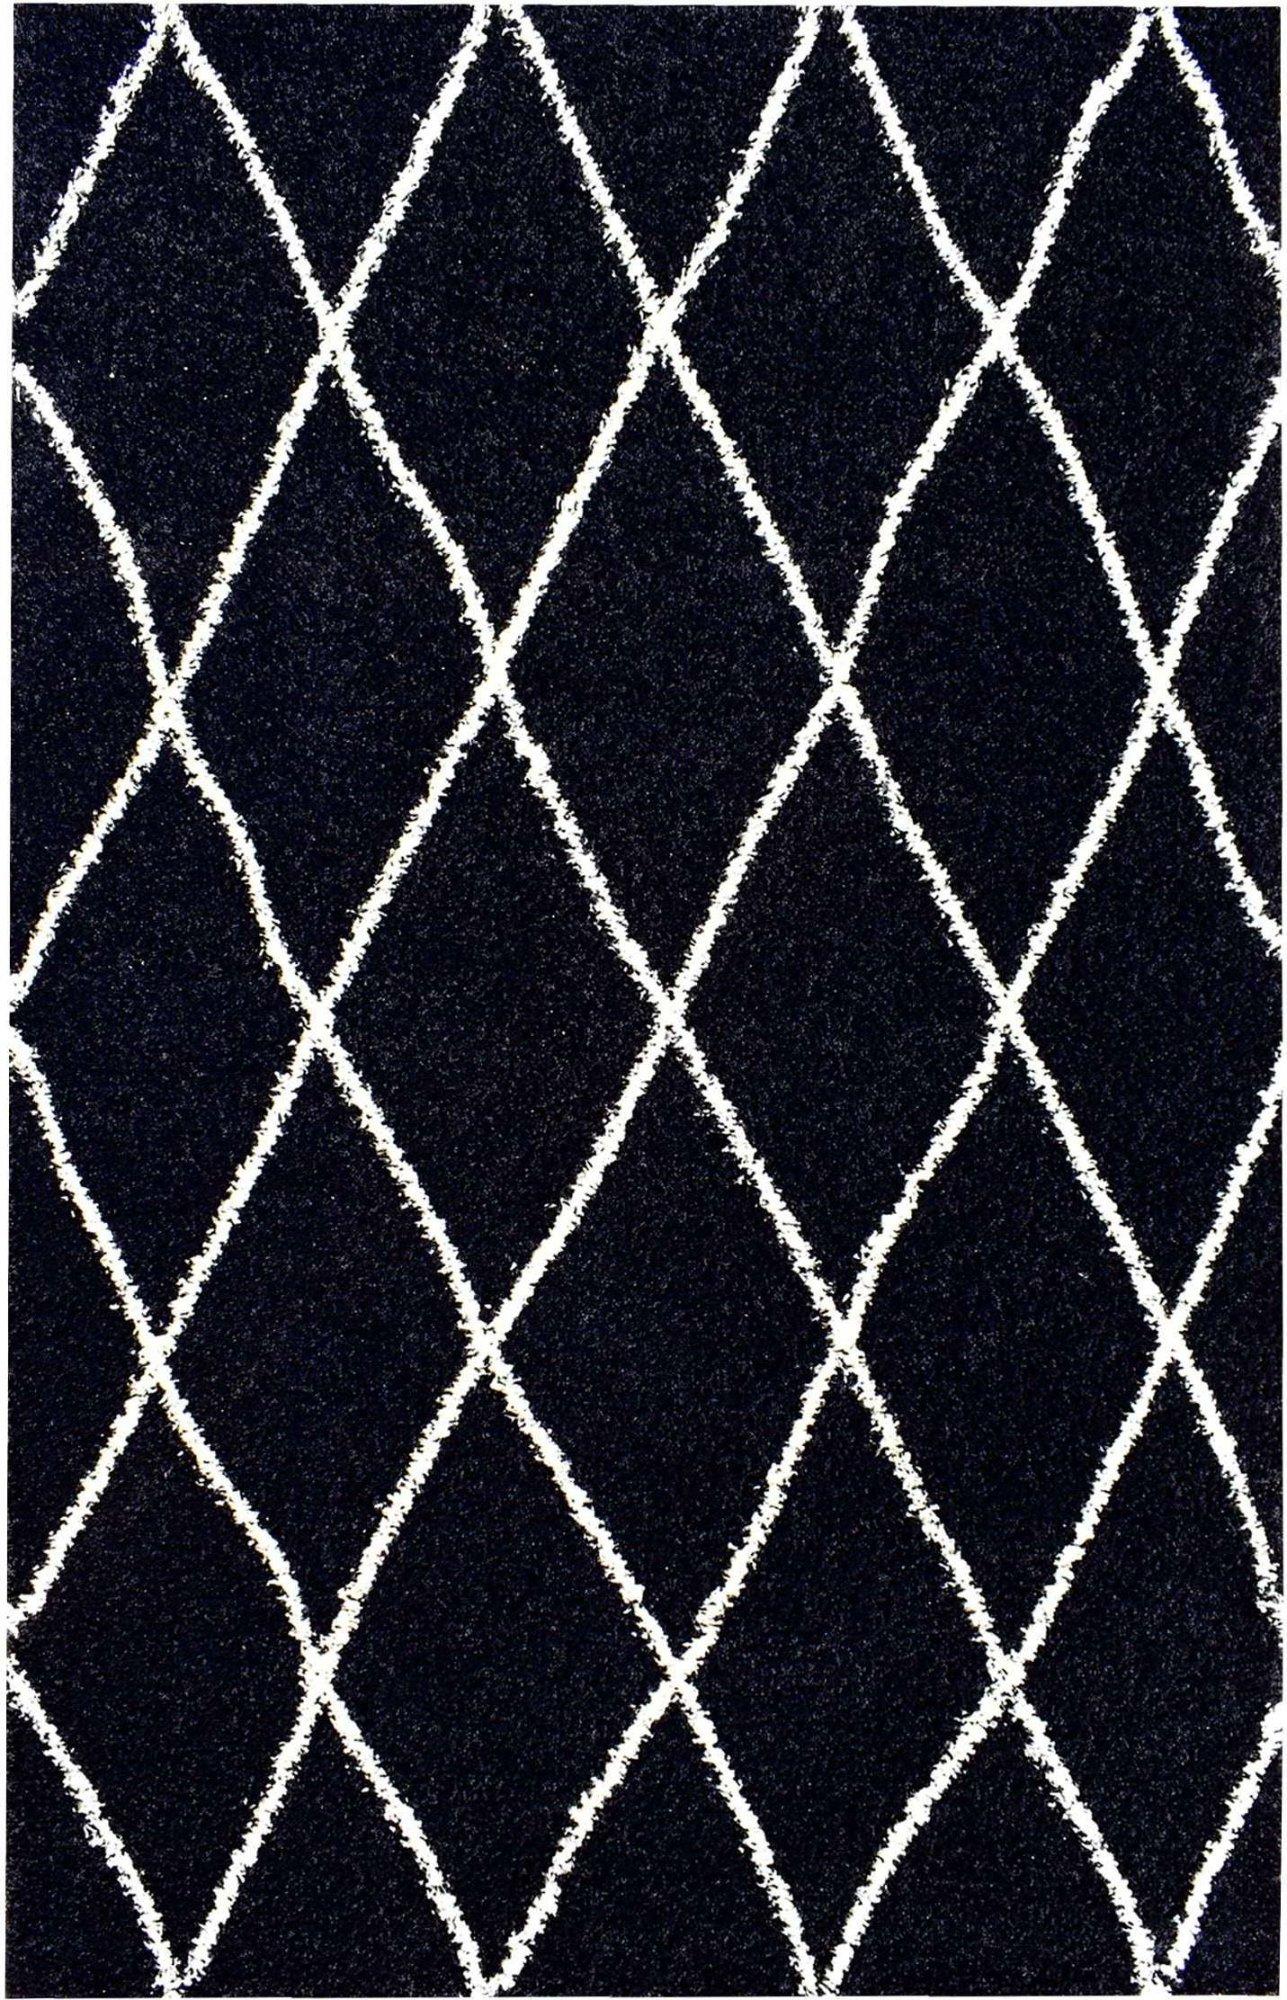 Tapis shaggy polypropylène noir 120x160